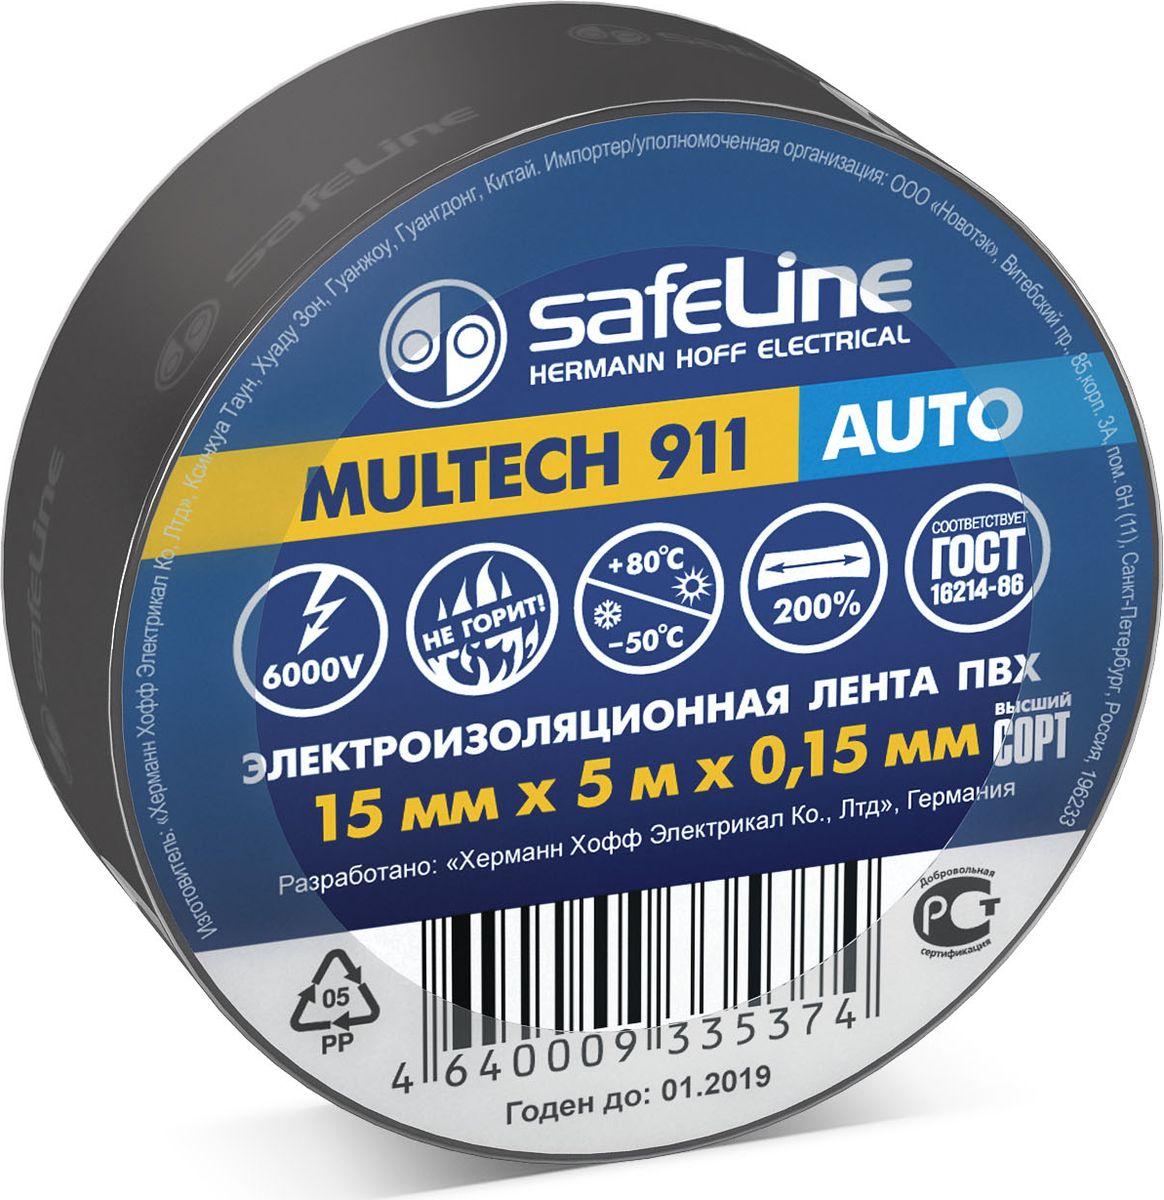 Лента изоляционная SafeLine, цвет: черный, ширина 1,5 см, длина 5 м22898Изоляционная лента Safelin Auto выполнена из поливинилхлорида - материала, известного своей эластичностью и прочностью. Изолента применяется для изоляции проводов и проведения электромонтажных работ, отлично подходит для маркировки проводов и служит средством для починки бытовыхэлектроприборов. Safelin Auto обладает рядом преимуществ: - напряжение пробоя 6000V, - не горит, - выдерживает температуру от -50°С до +80°С.